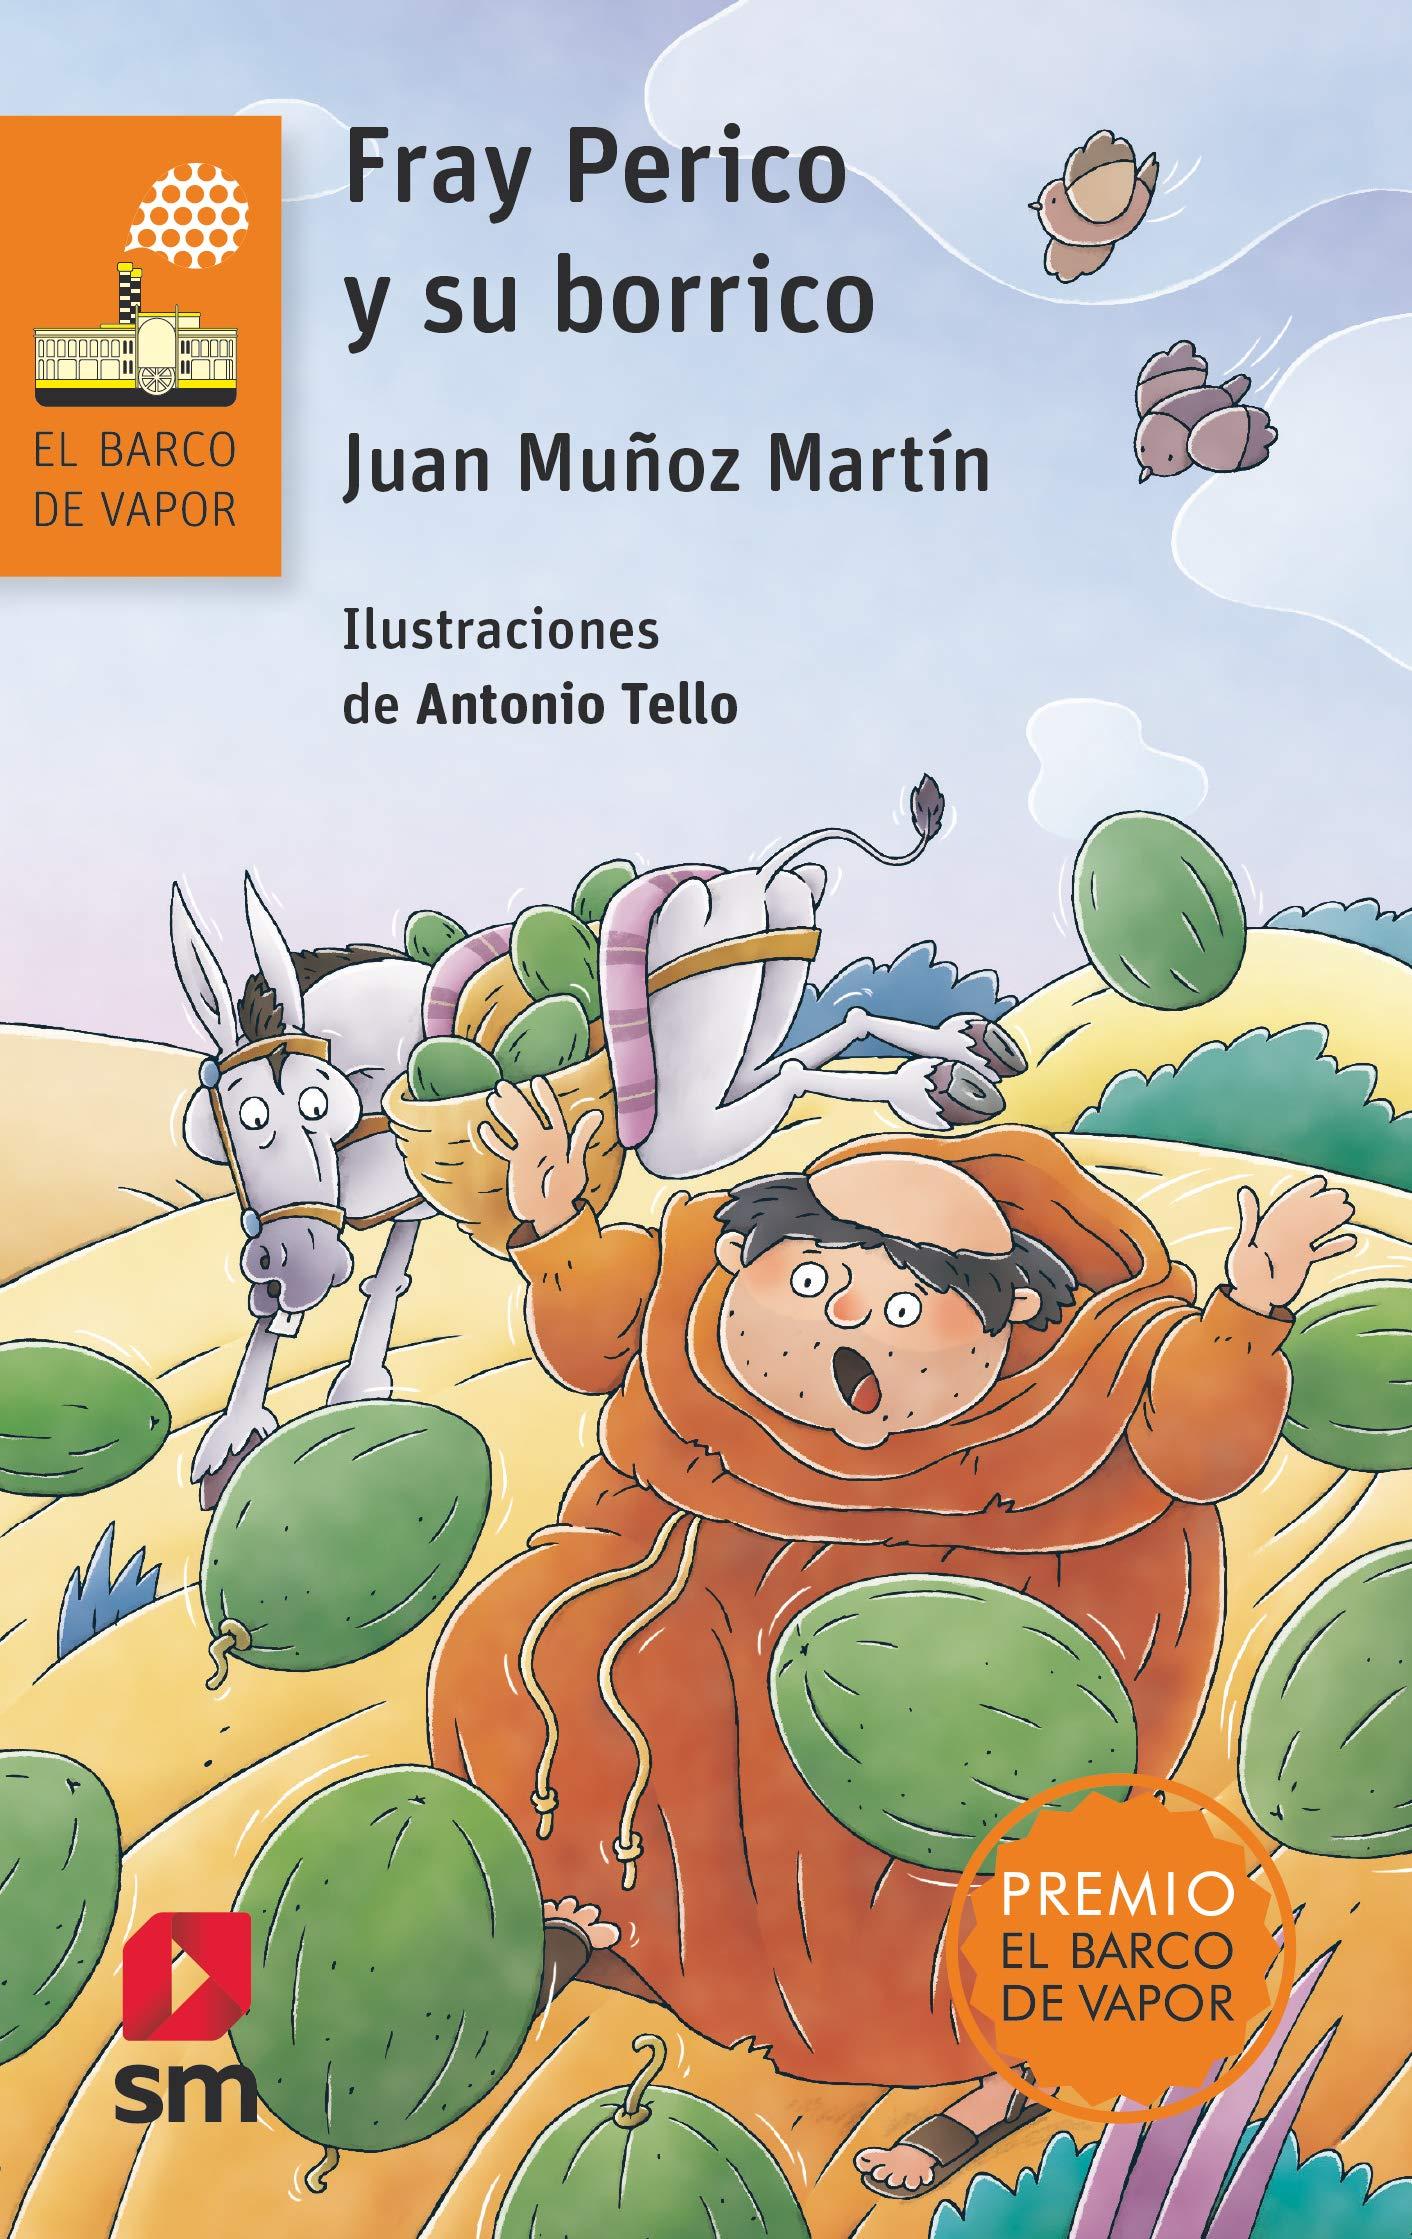 Fray Perico Y Su Borrico Muñoz Martín Juan 9788467589283 Books Amazon Ca